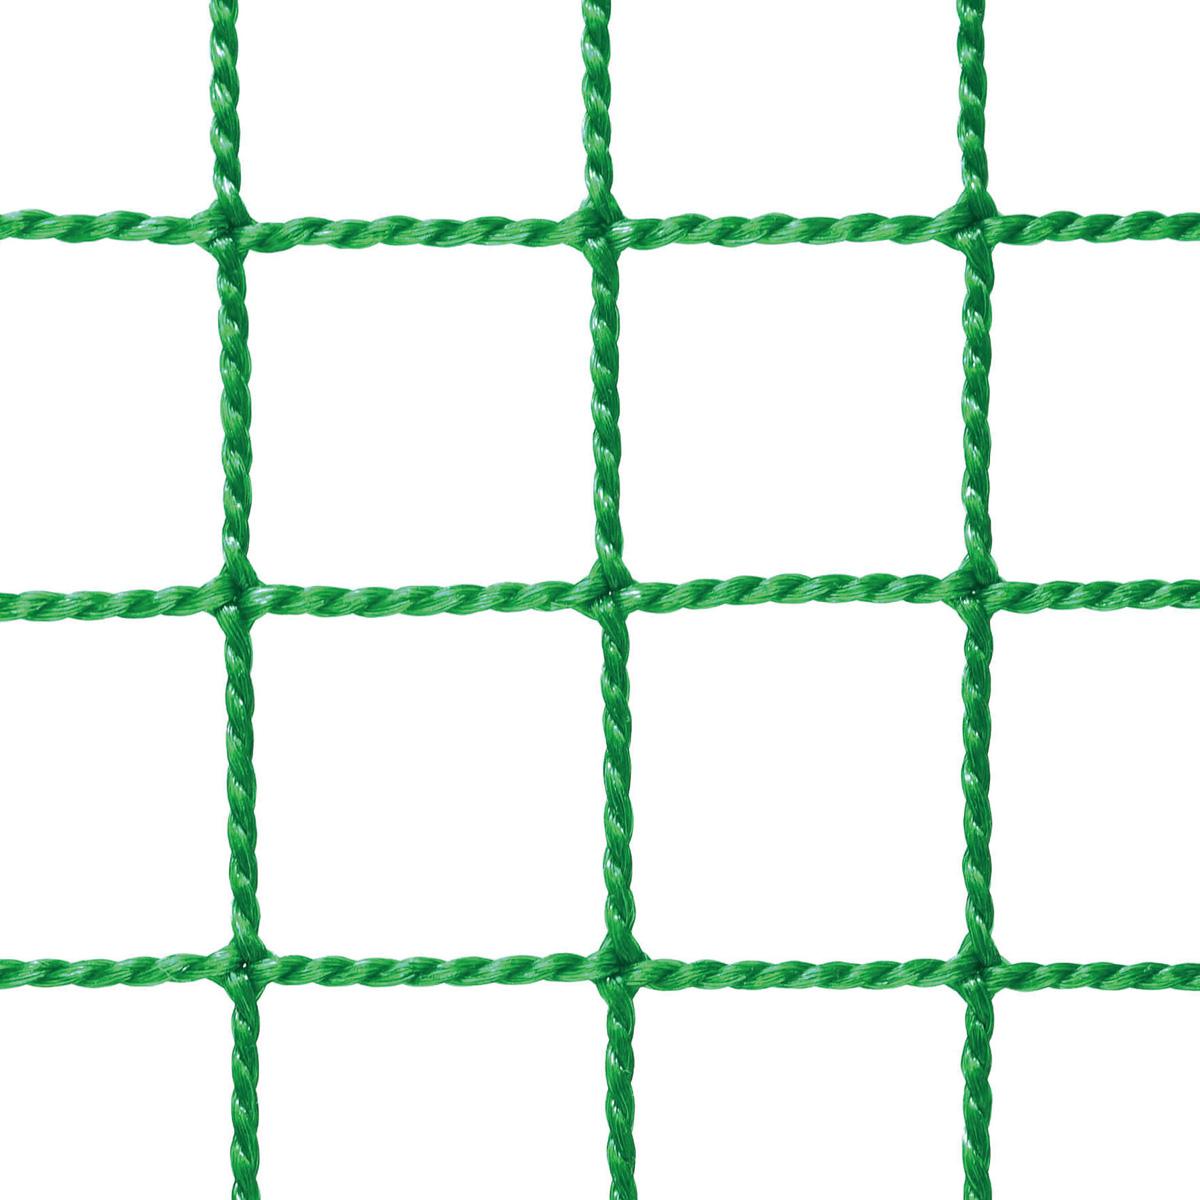 〈ヨリ線ネット25〉目合い:25mm カラー:グリーン